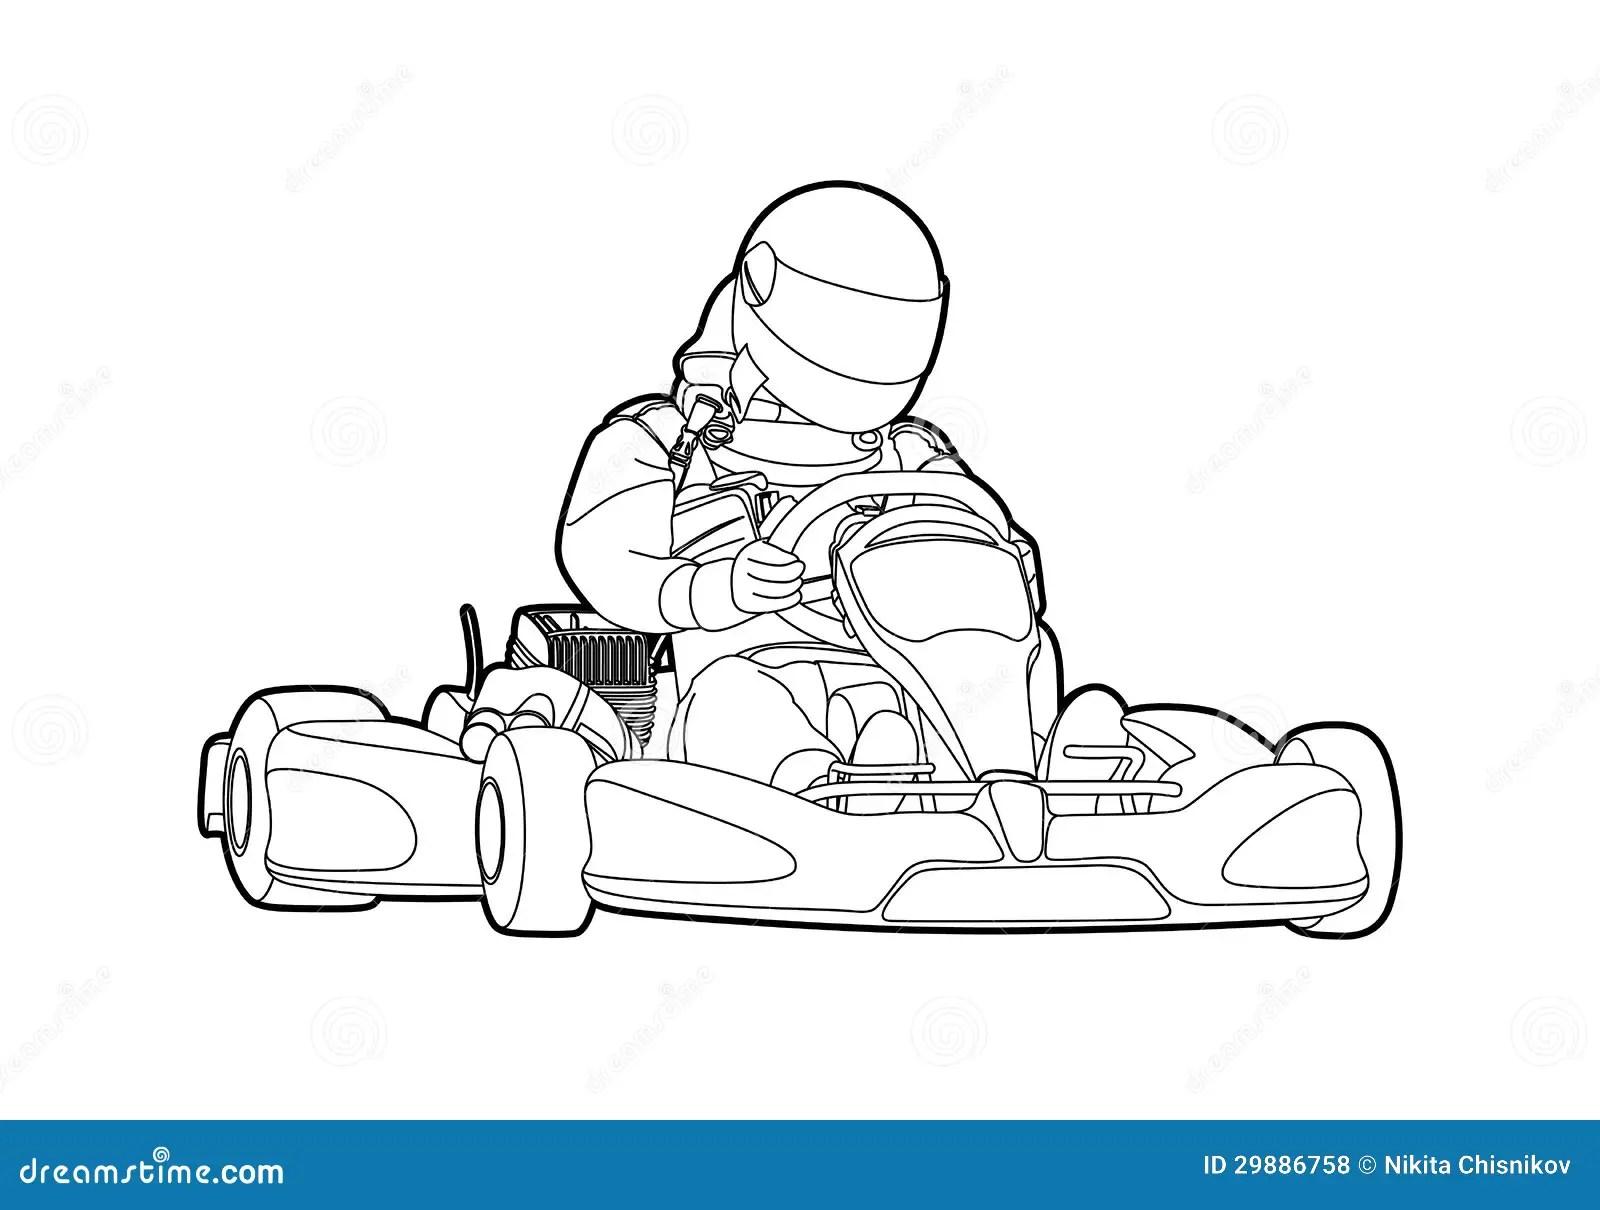 Karting Stock Vector Illustration Of Kart